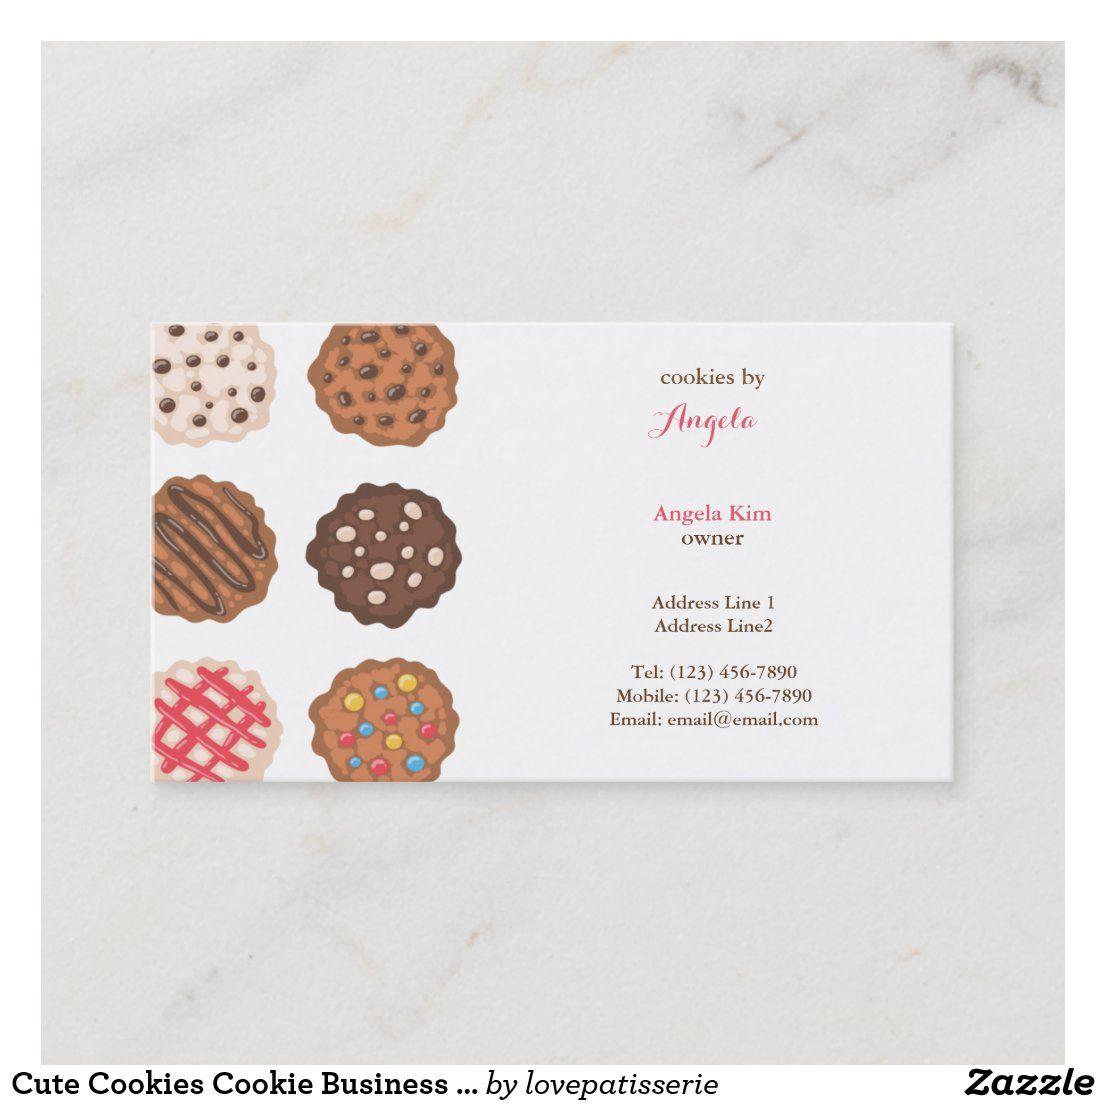 Cute Cookies Cookie Business Bakery Business Card Zazzle Com In 2021 Bakery Business Cards Cookie Business Cute Cookies